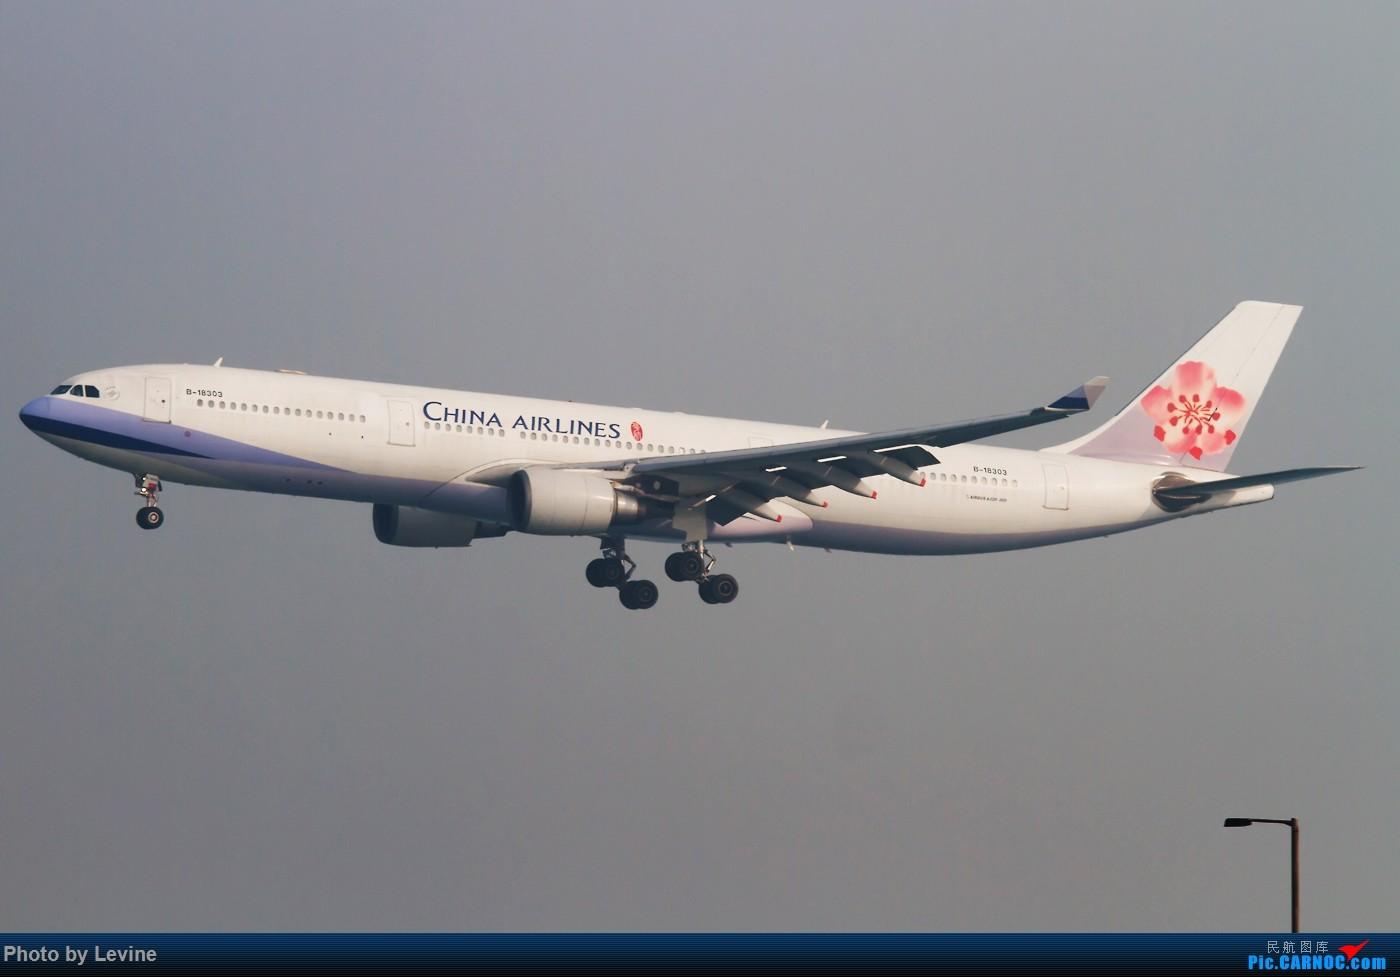 Re:[原创]◇ ■ ◇ ■ ◇ ■难得去一次香港却遇到大烂天◇ ■ ◇ ■ ◇ ■ AIRBUS A330-300 B-18303 中国香港赤鱲角国际机场